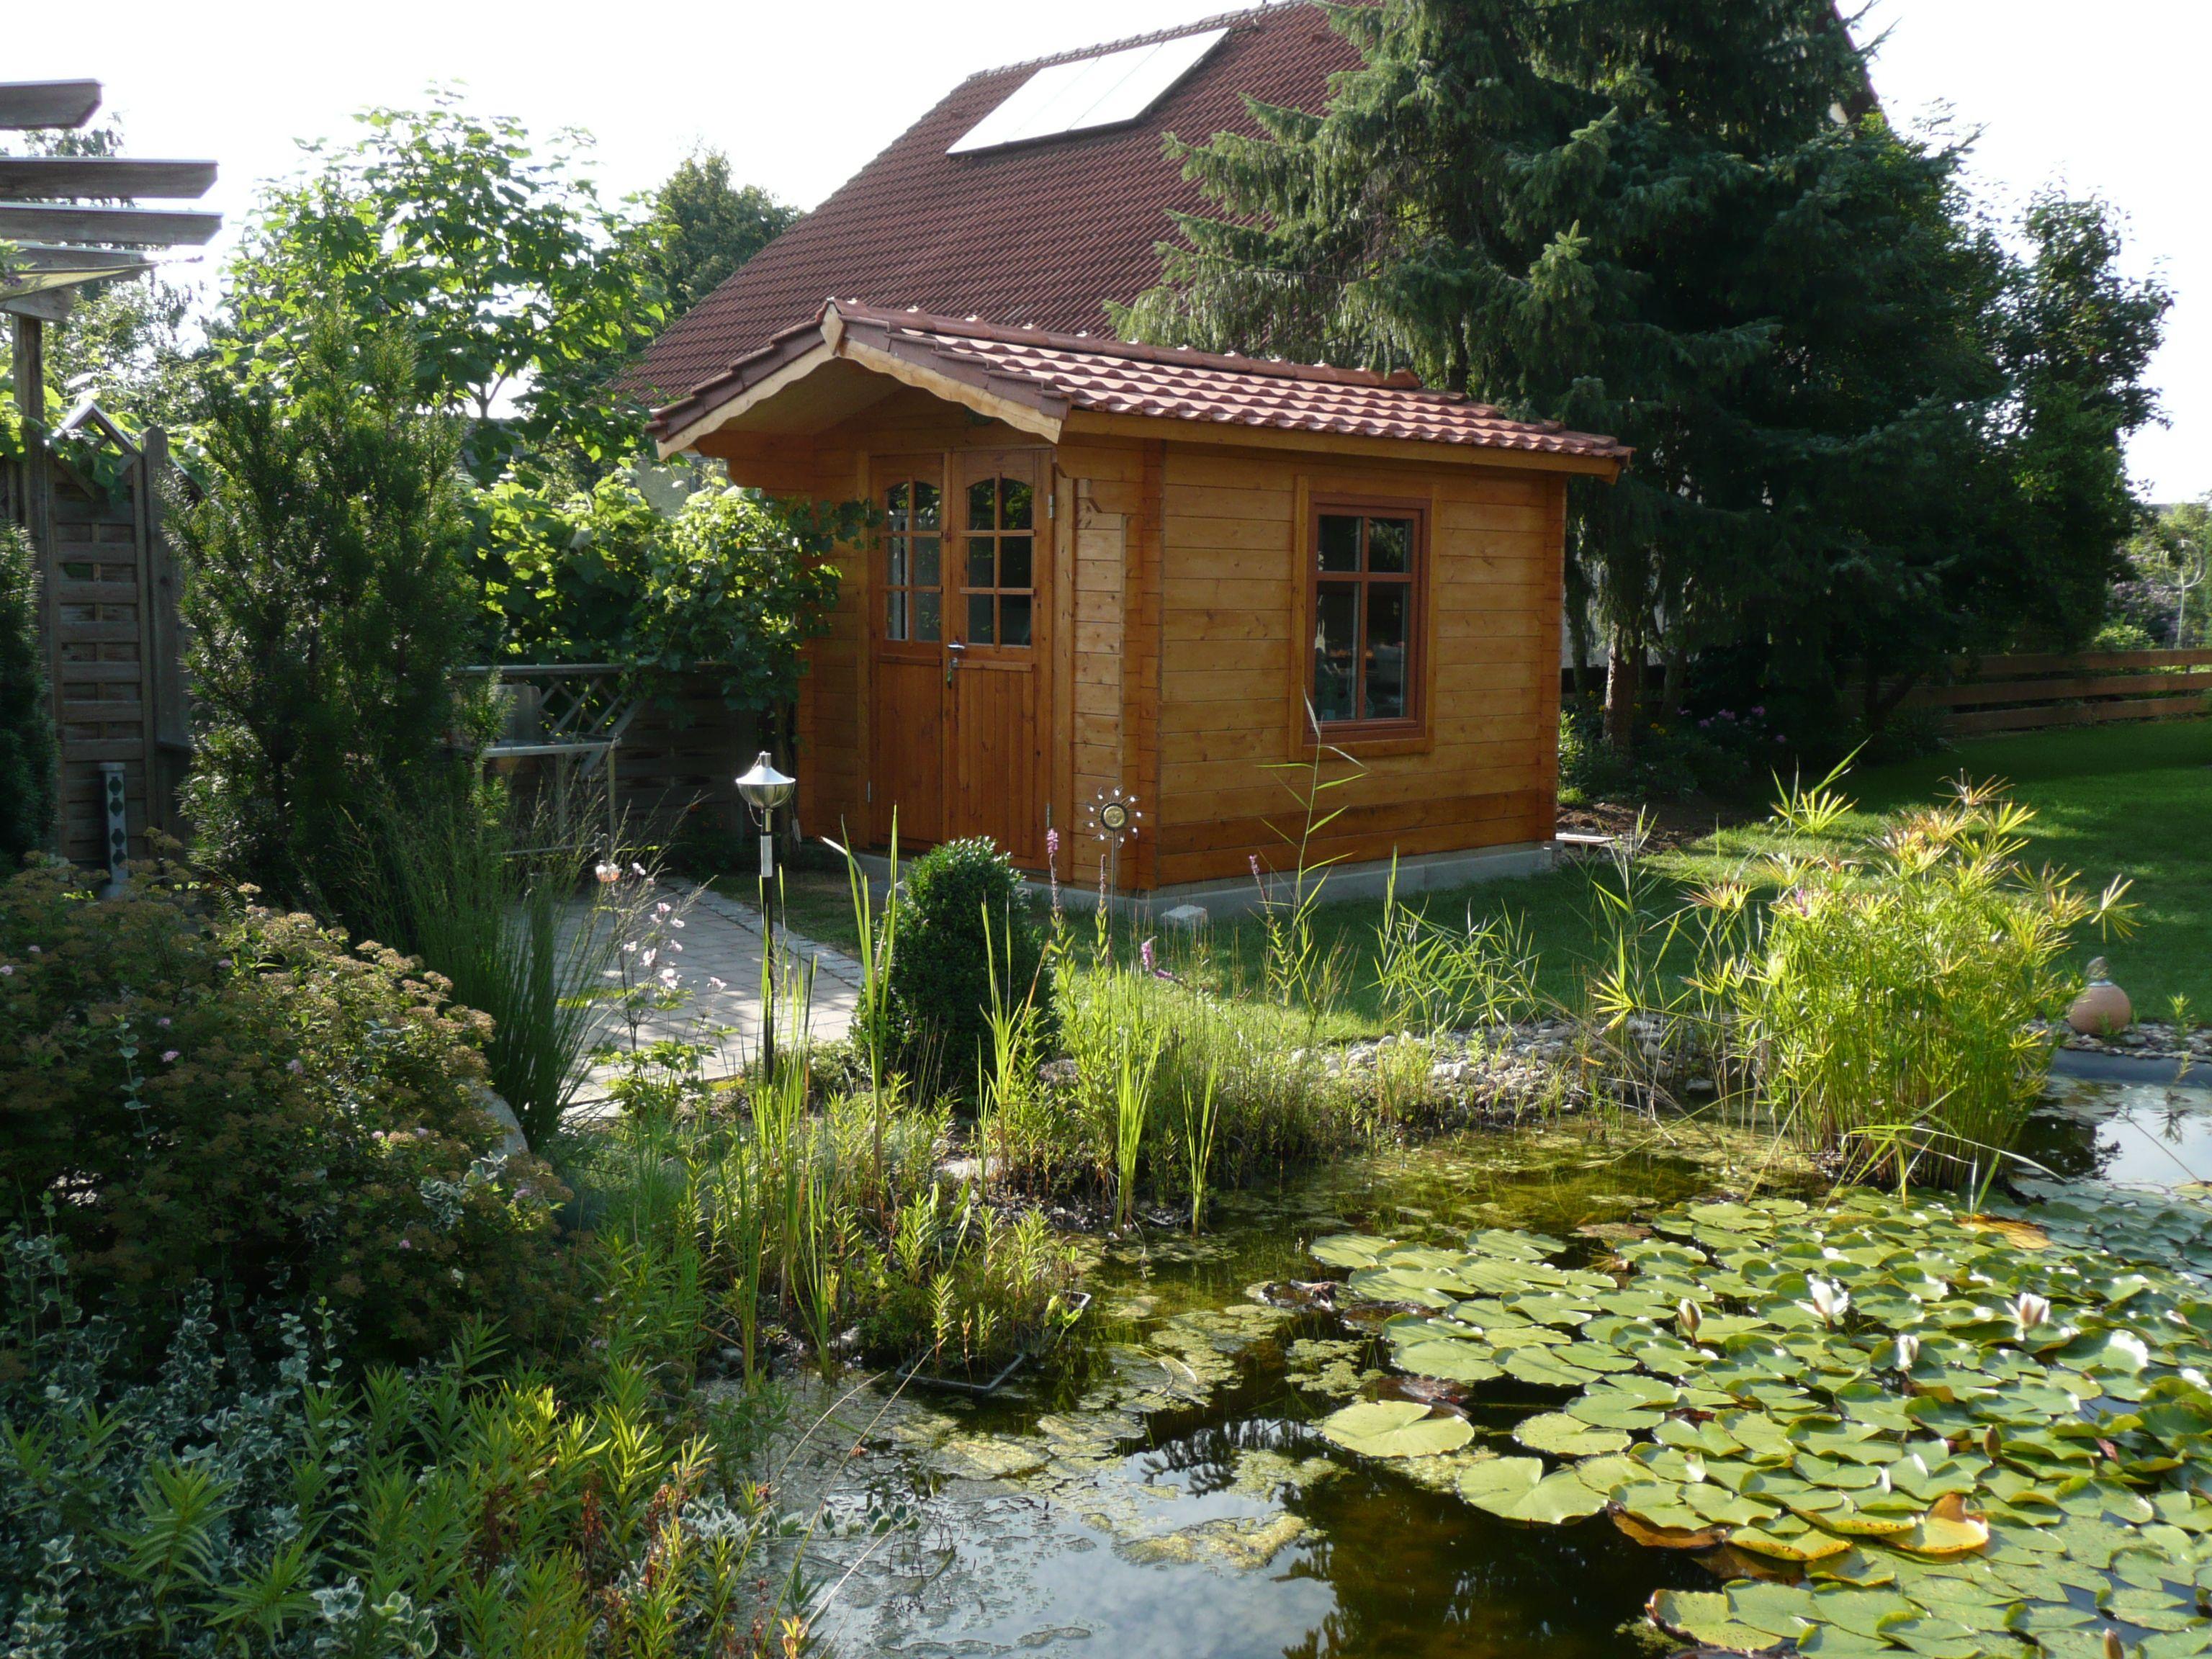 Ein süßer Garten mit Gartenhaus und Teich. http://.gartenhaus